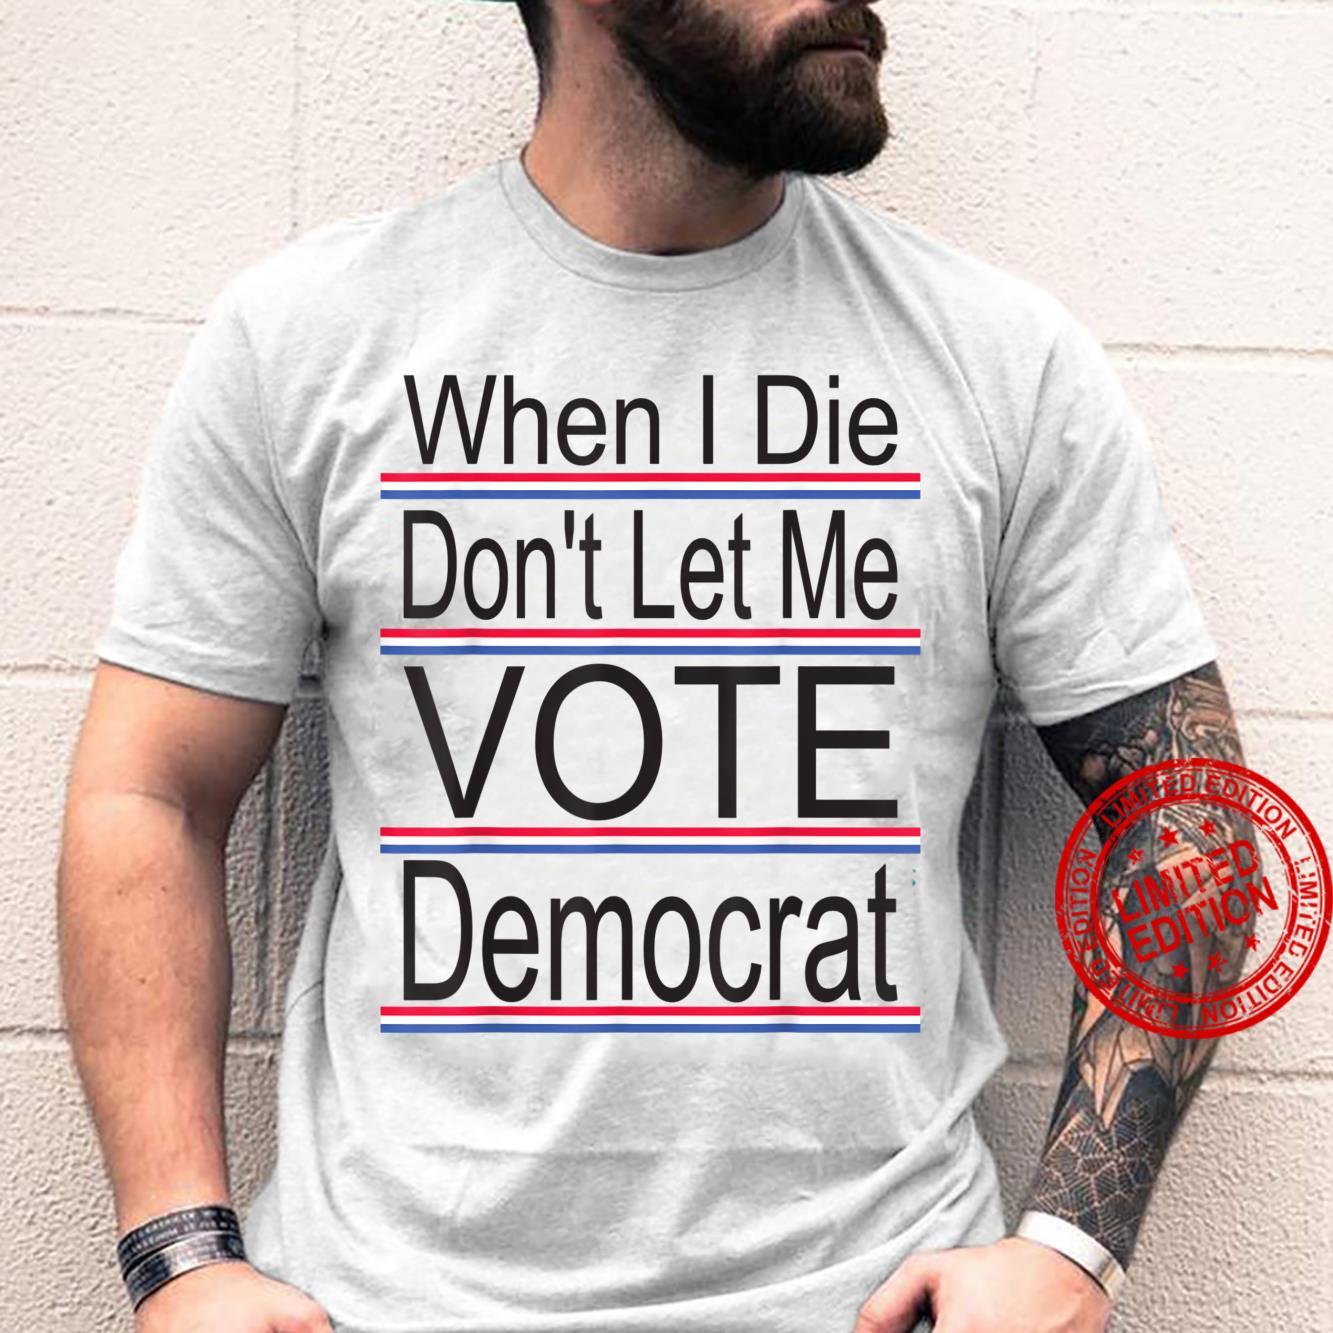 When I Die Don't Let Me Vote Democrat Shirt